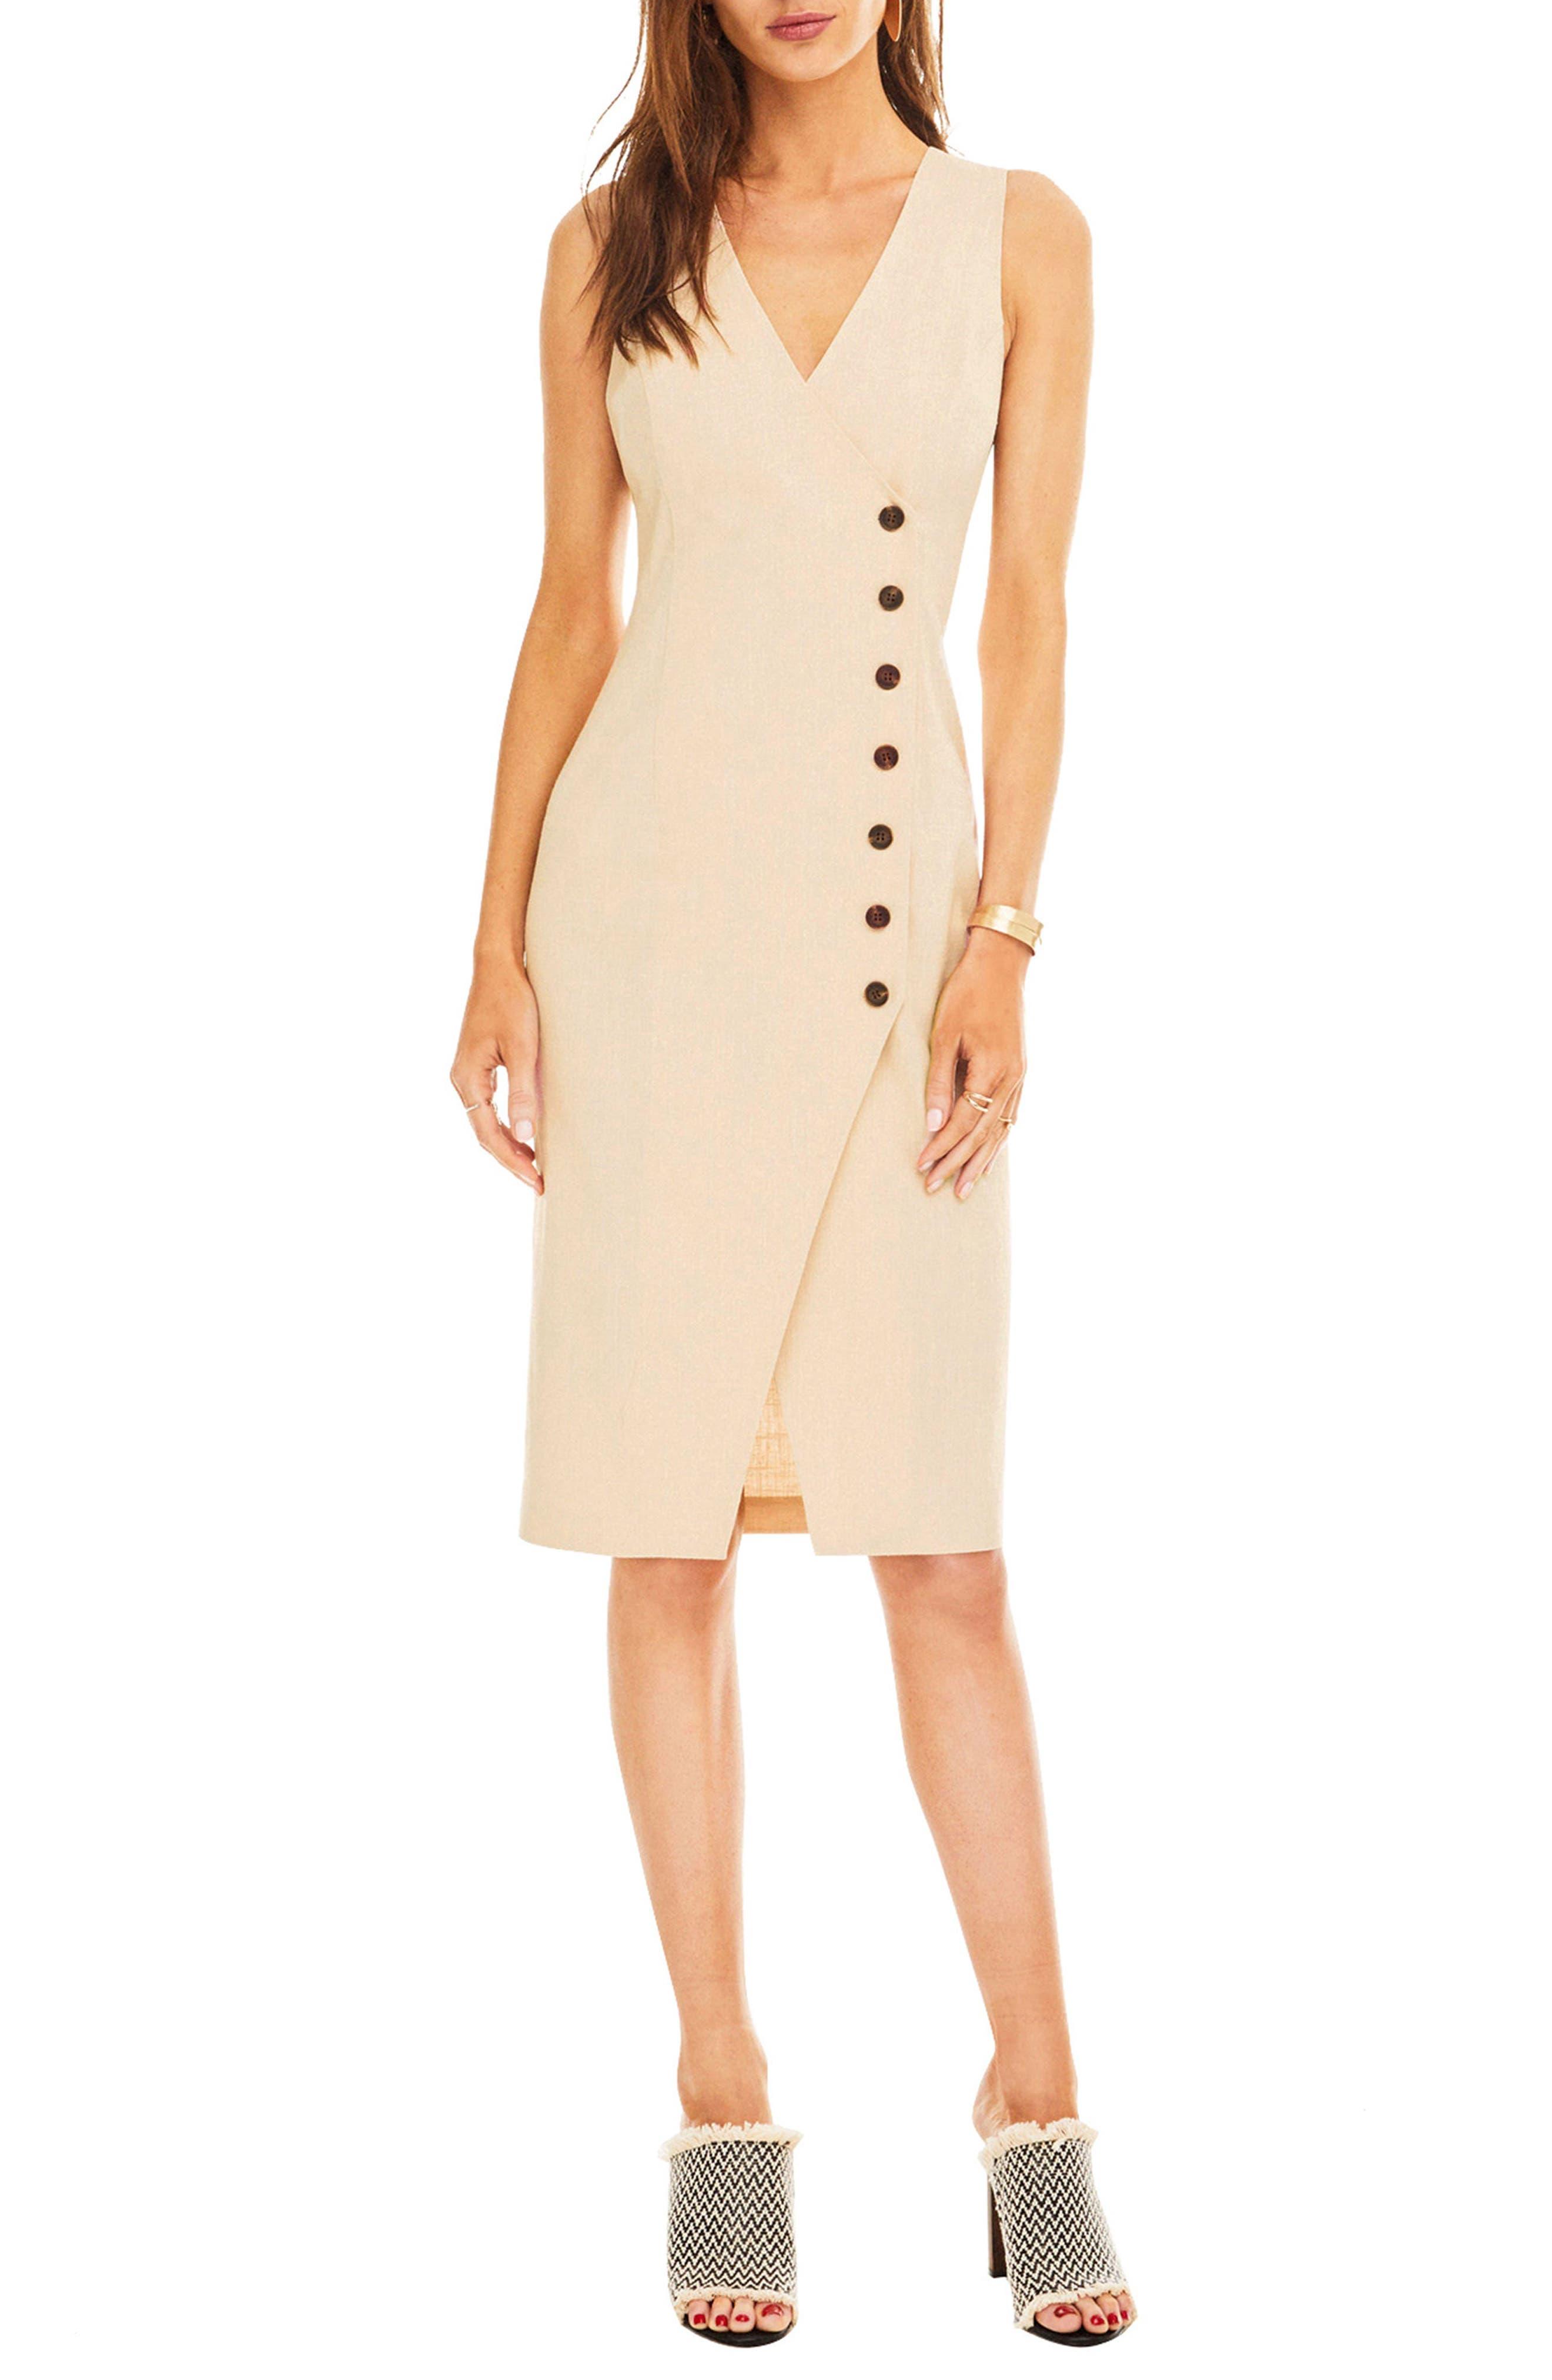 ASTR THE LABEL,                             Demi Dress,                             Main thumbnail 1, color,                             250